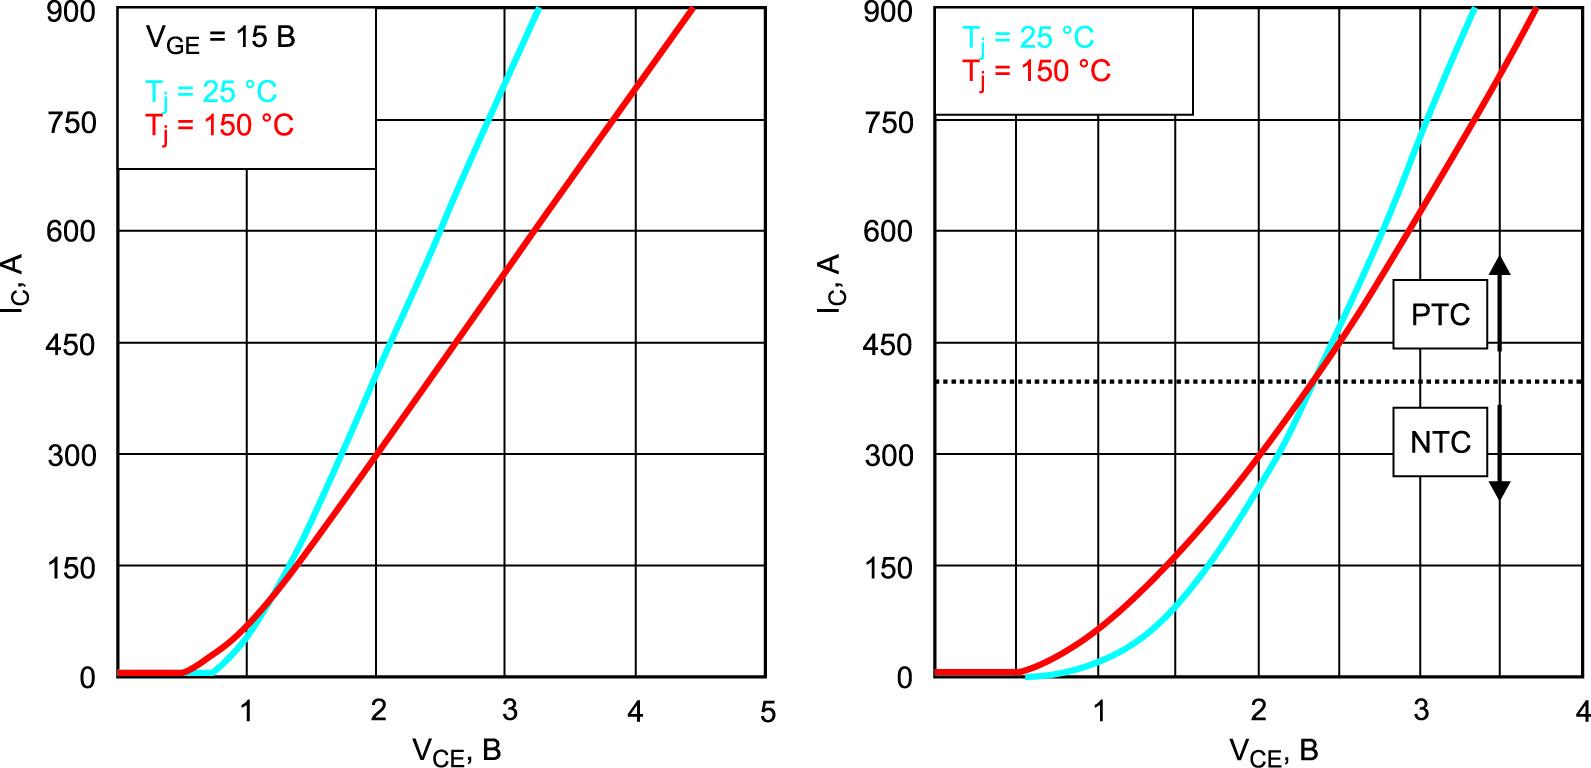 Прямые характеристики VCEsat IGBT (номинальный ток 450 А, слева), прямые характеристики VF диода (номинальный ток 450 А, справа)